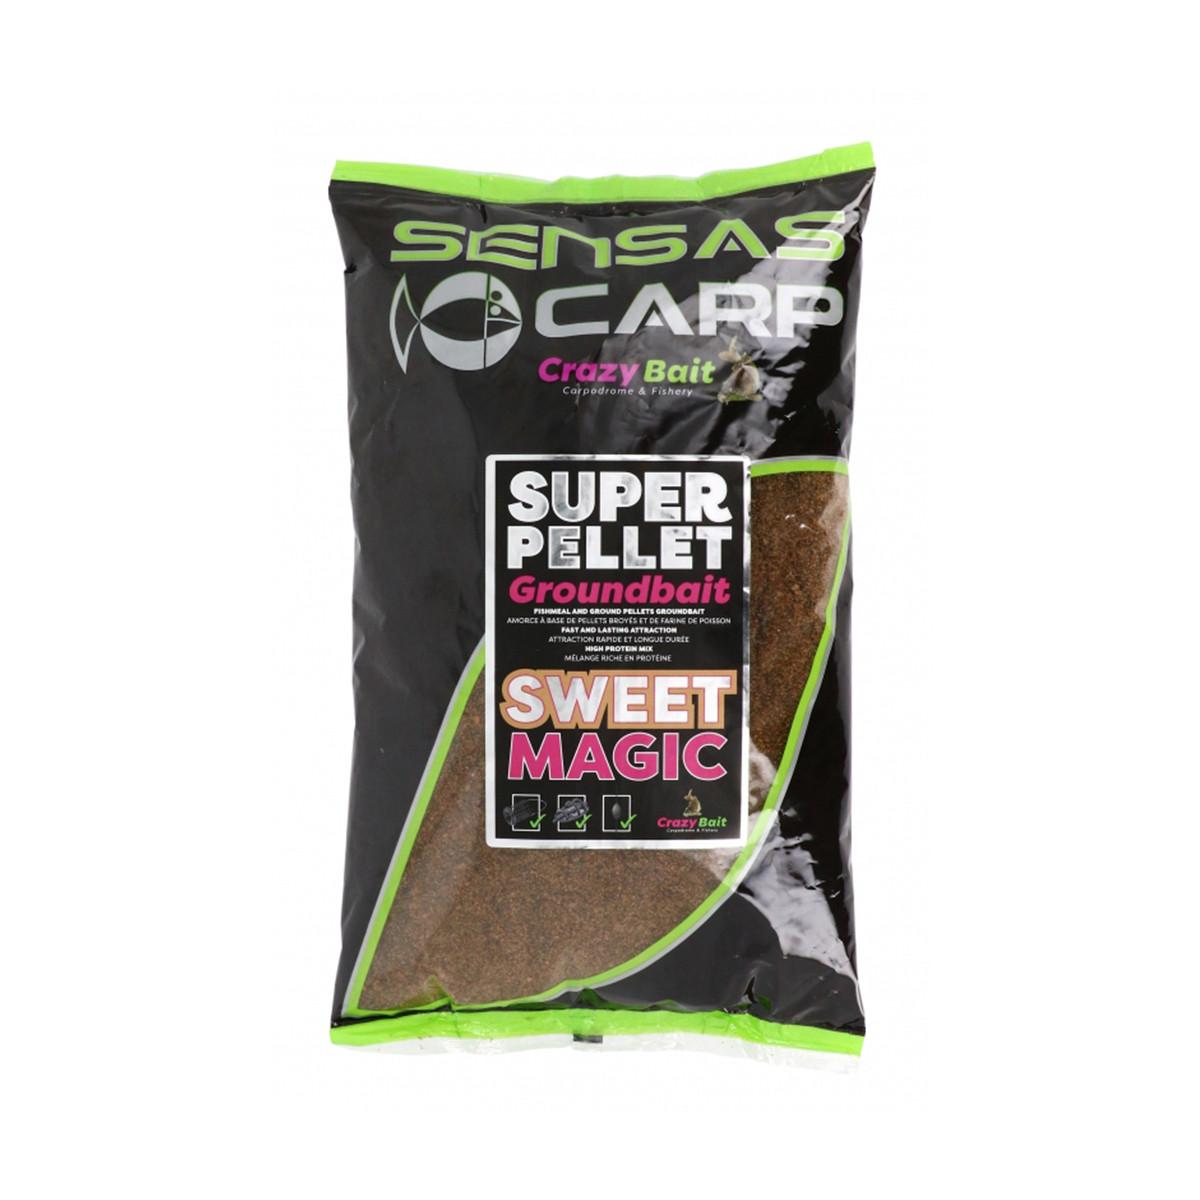 SENSAS CARP CRAZY BAIT SUPER PELLET GROUNDBAIT